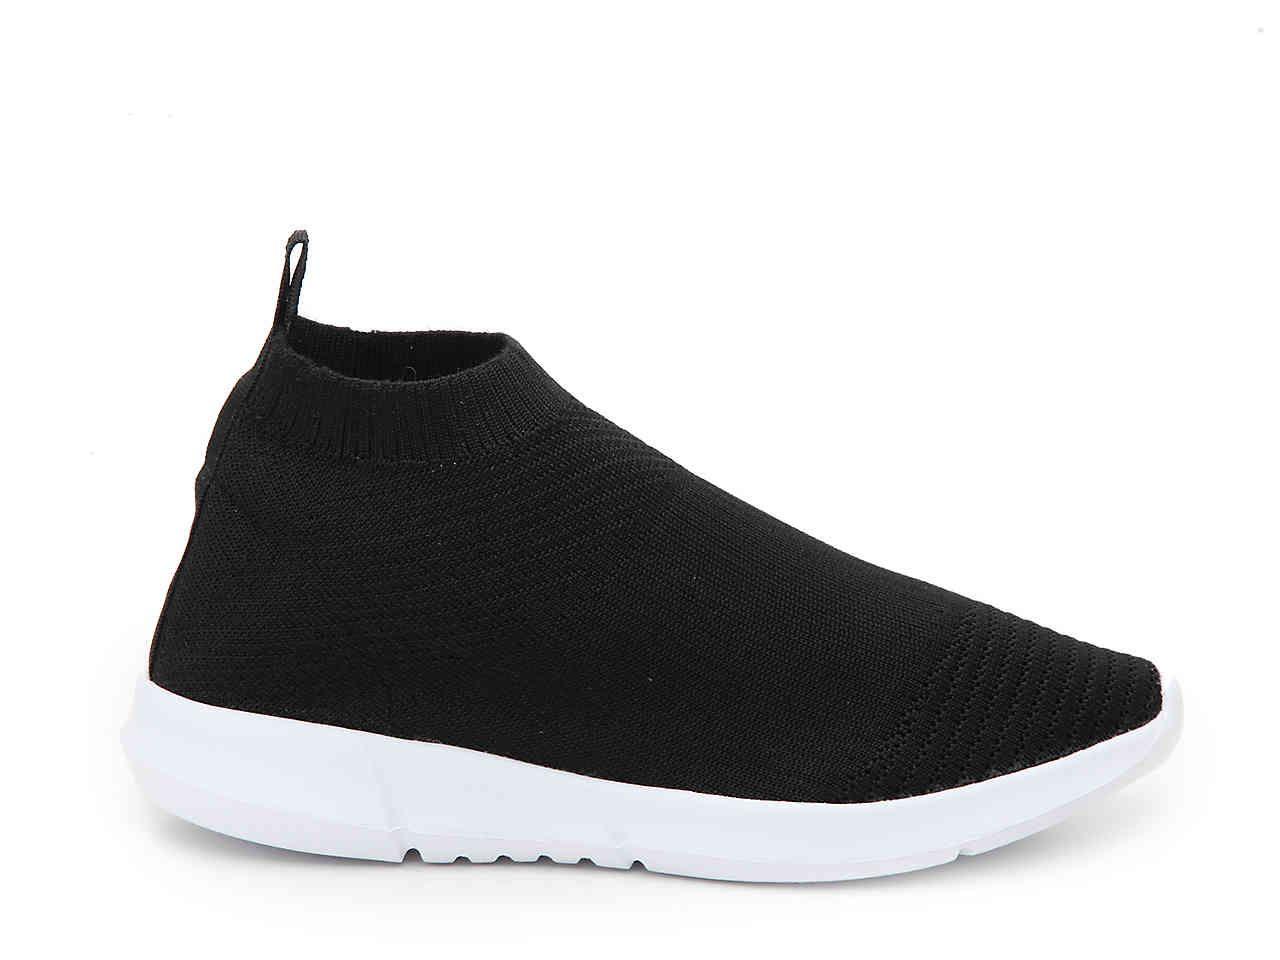 STEVEN NEW YORK Fabs Slip-On Sneaker in